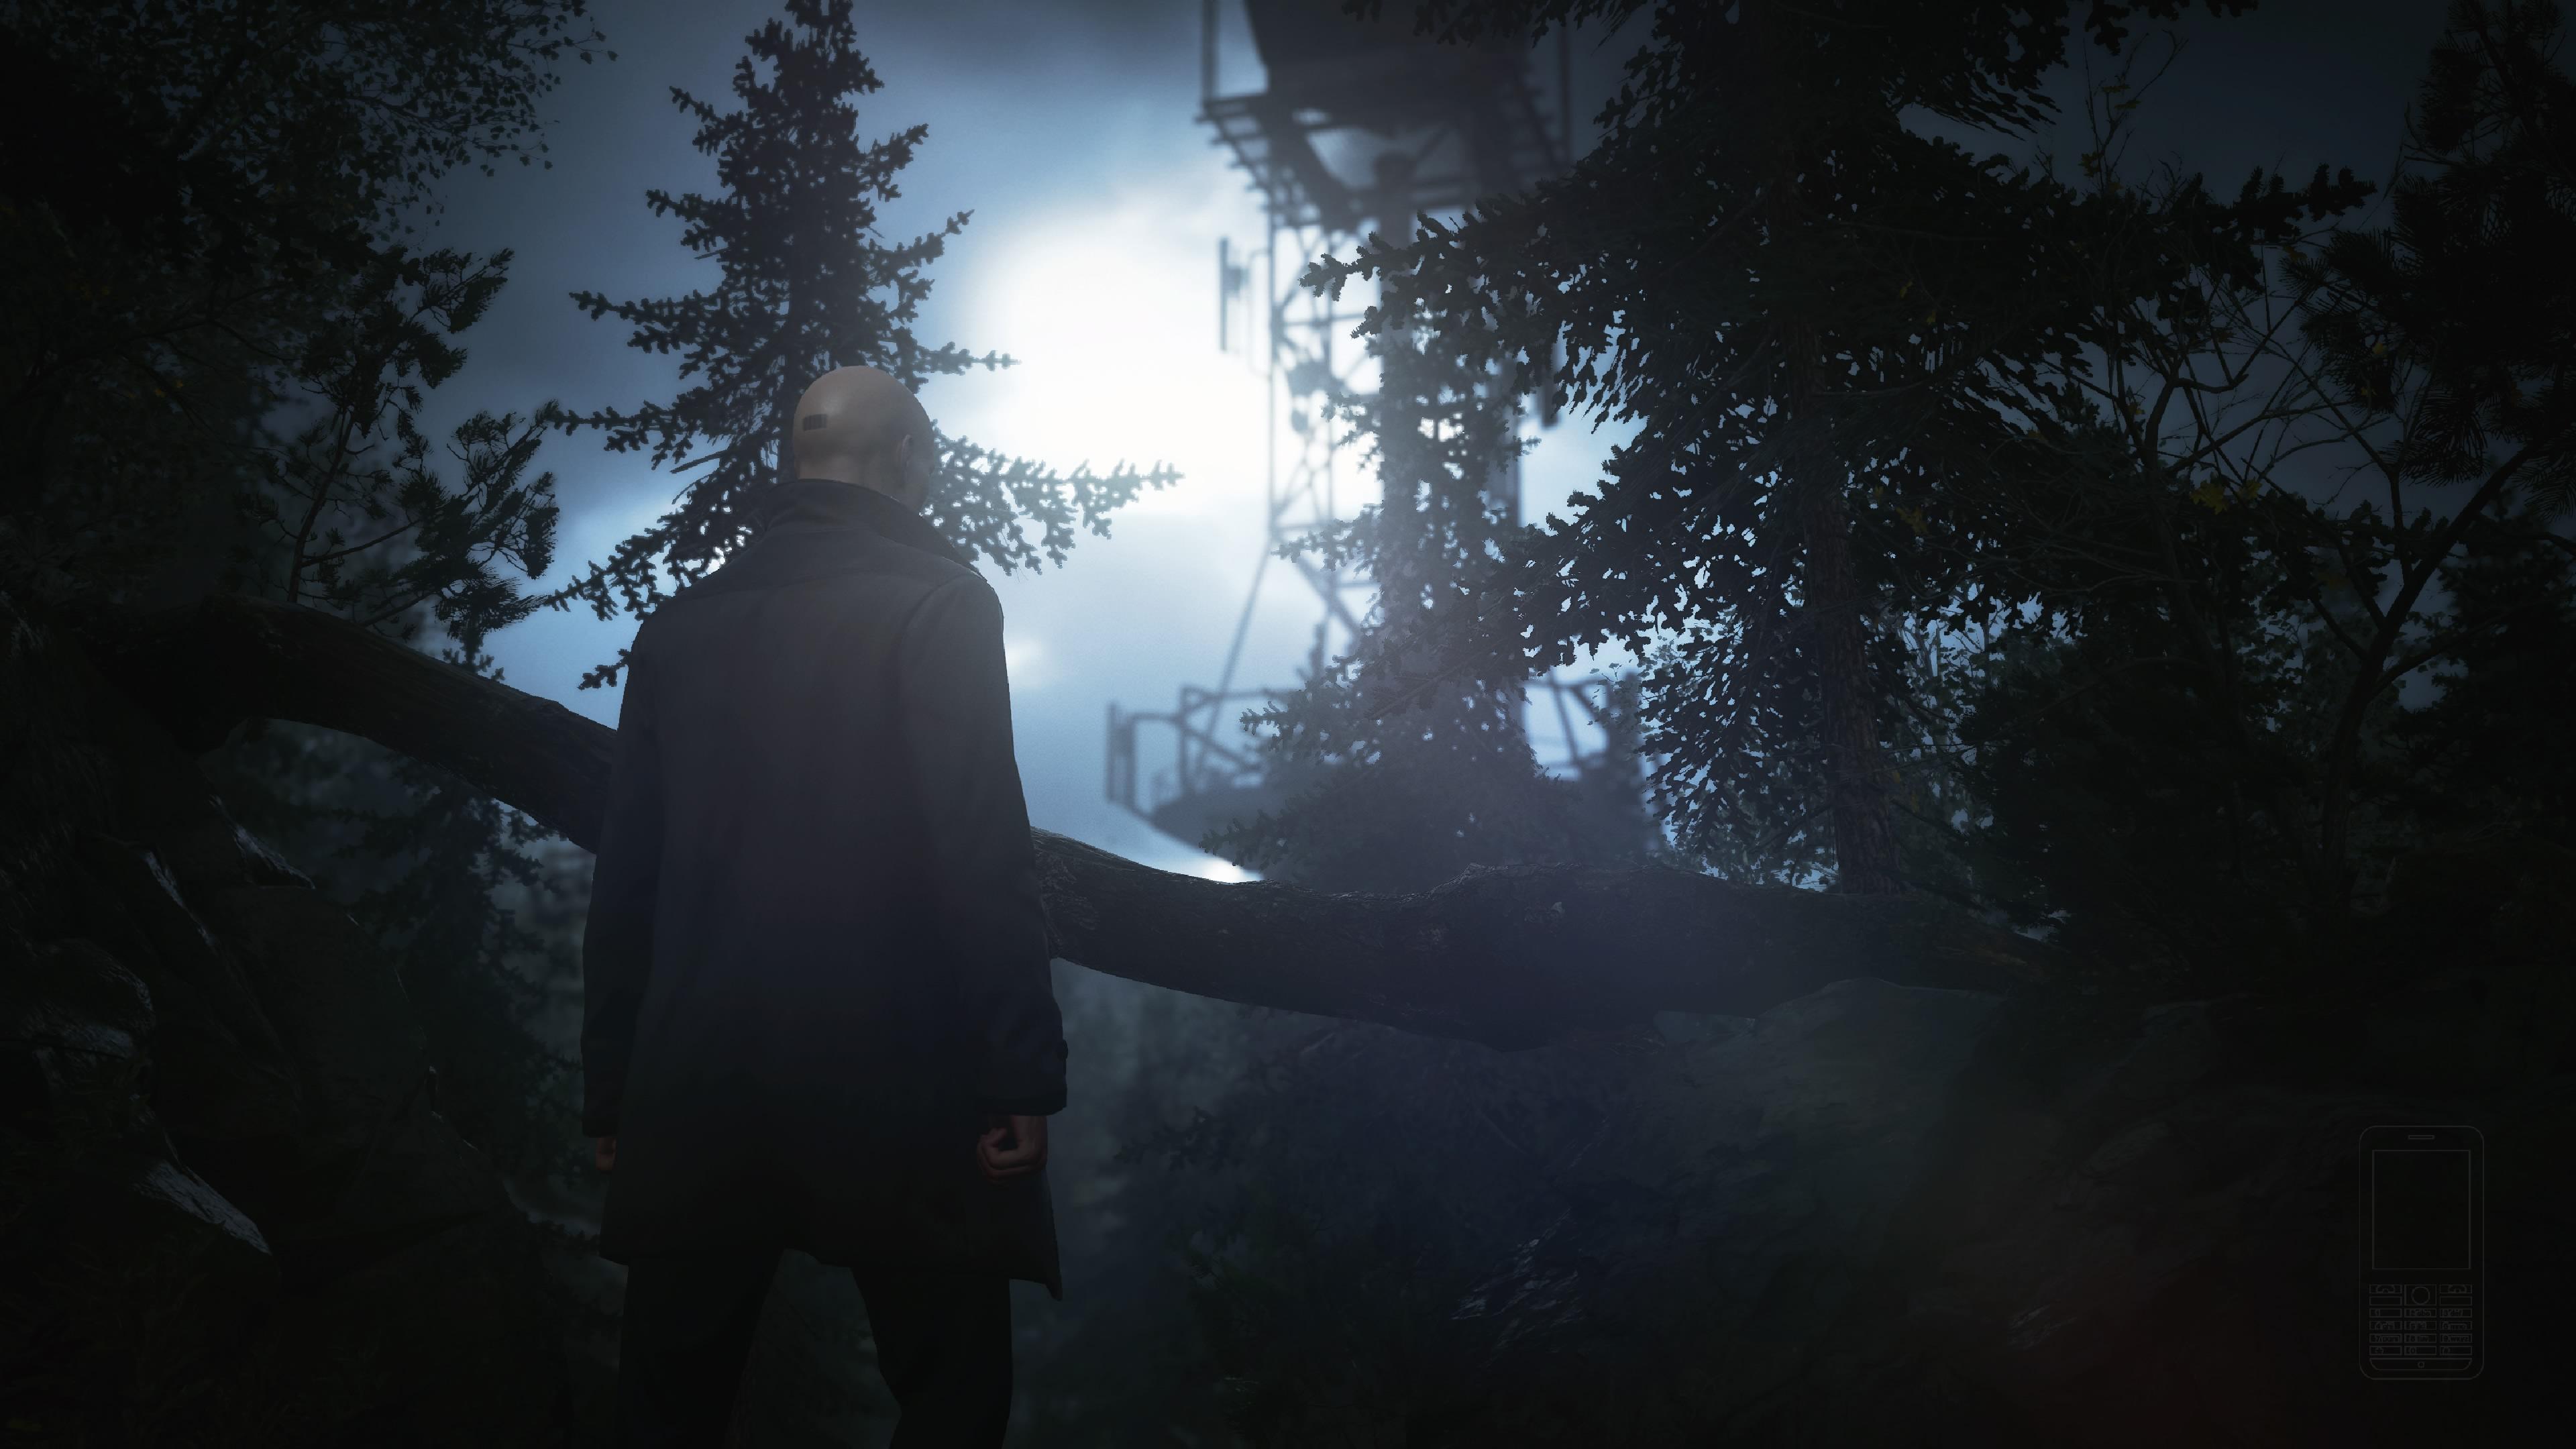 HITMAN 3 Agentti 47 metsässä kuin Alan Wake